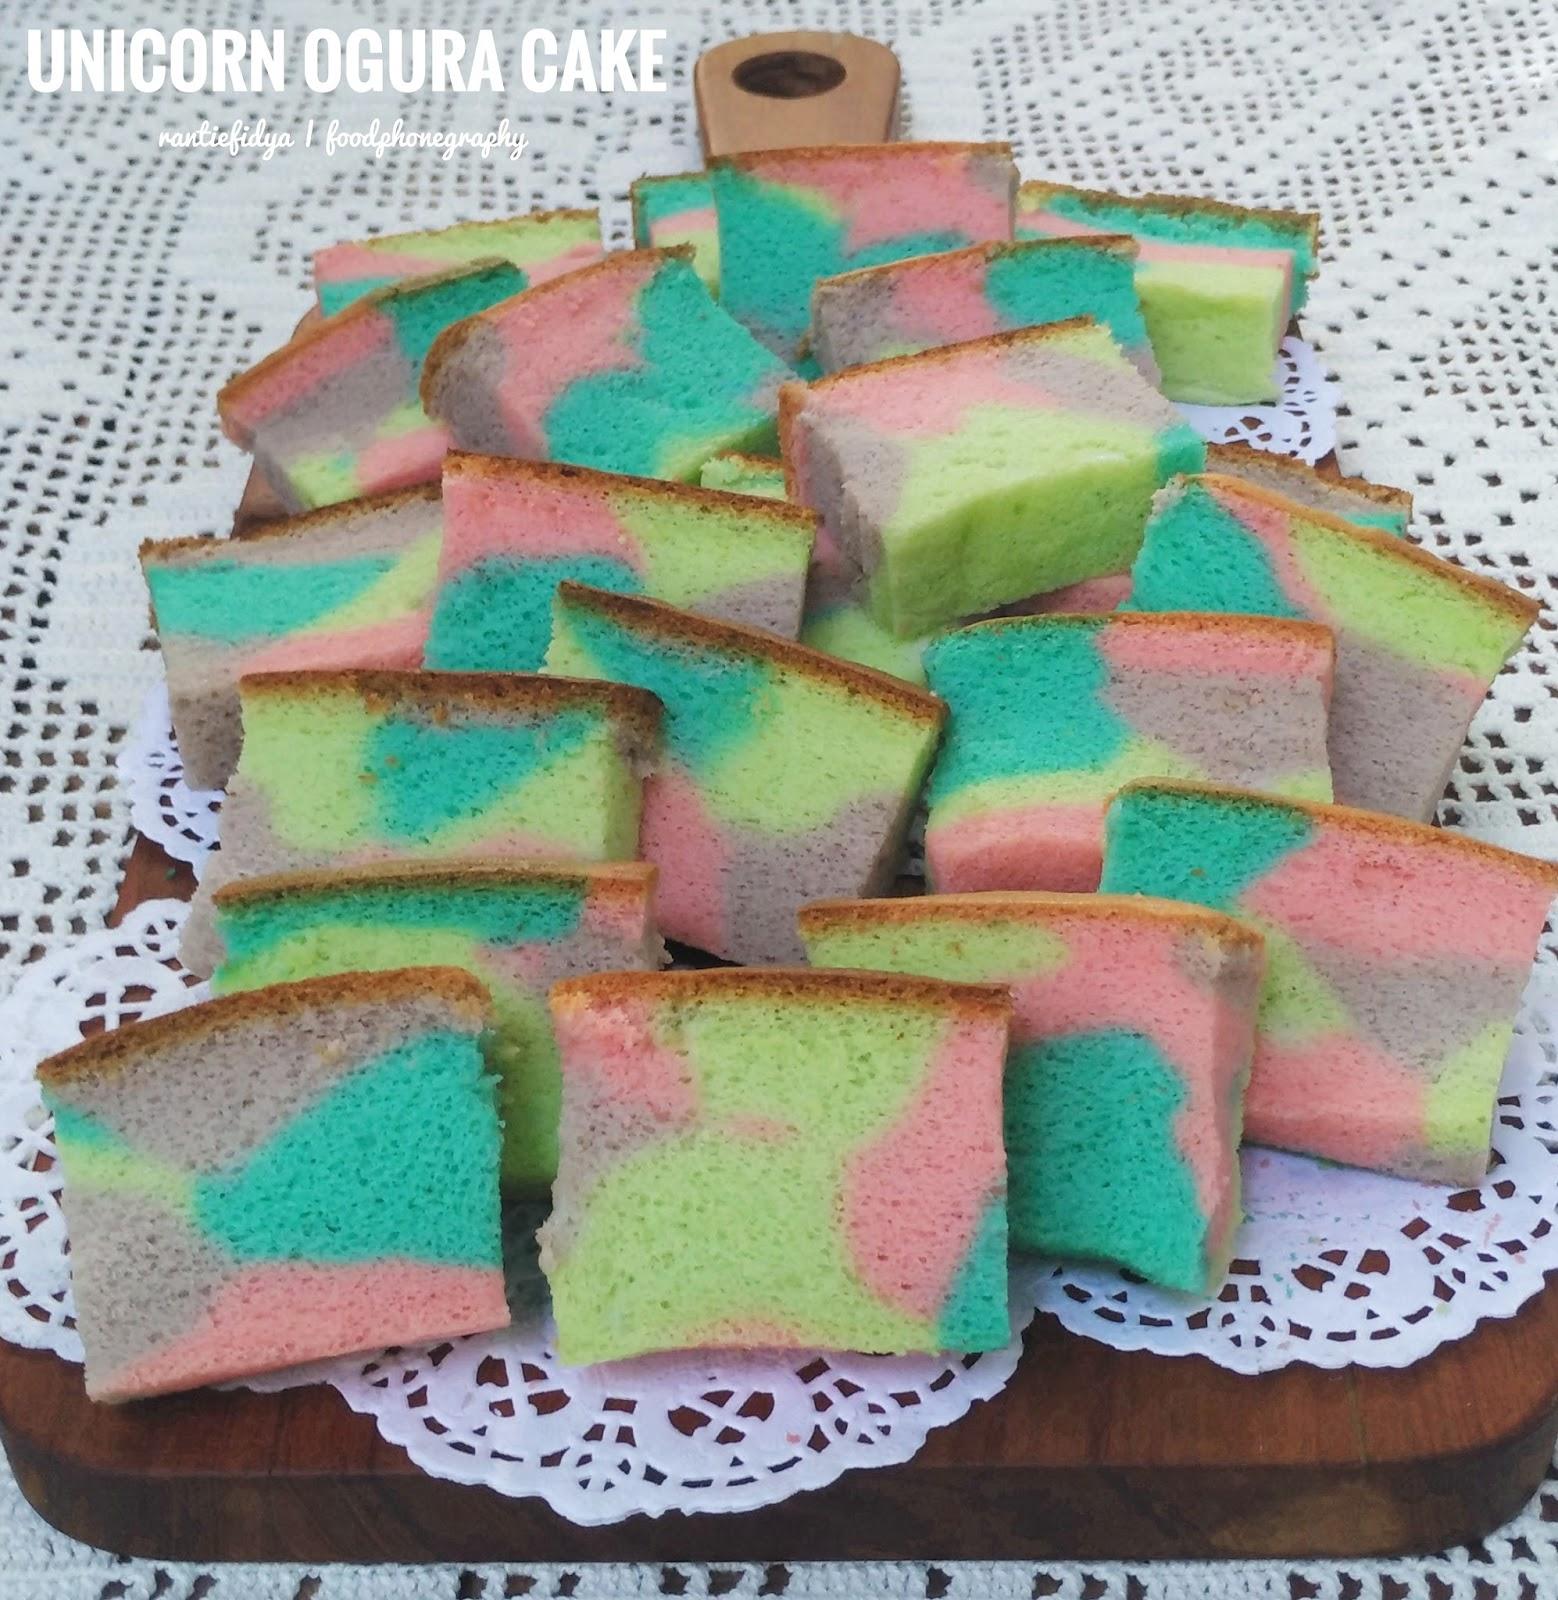 Unicorn Ogura